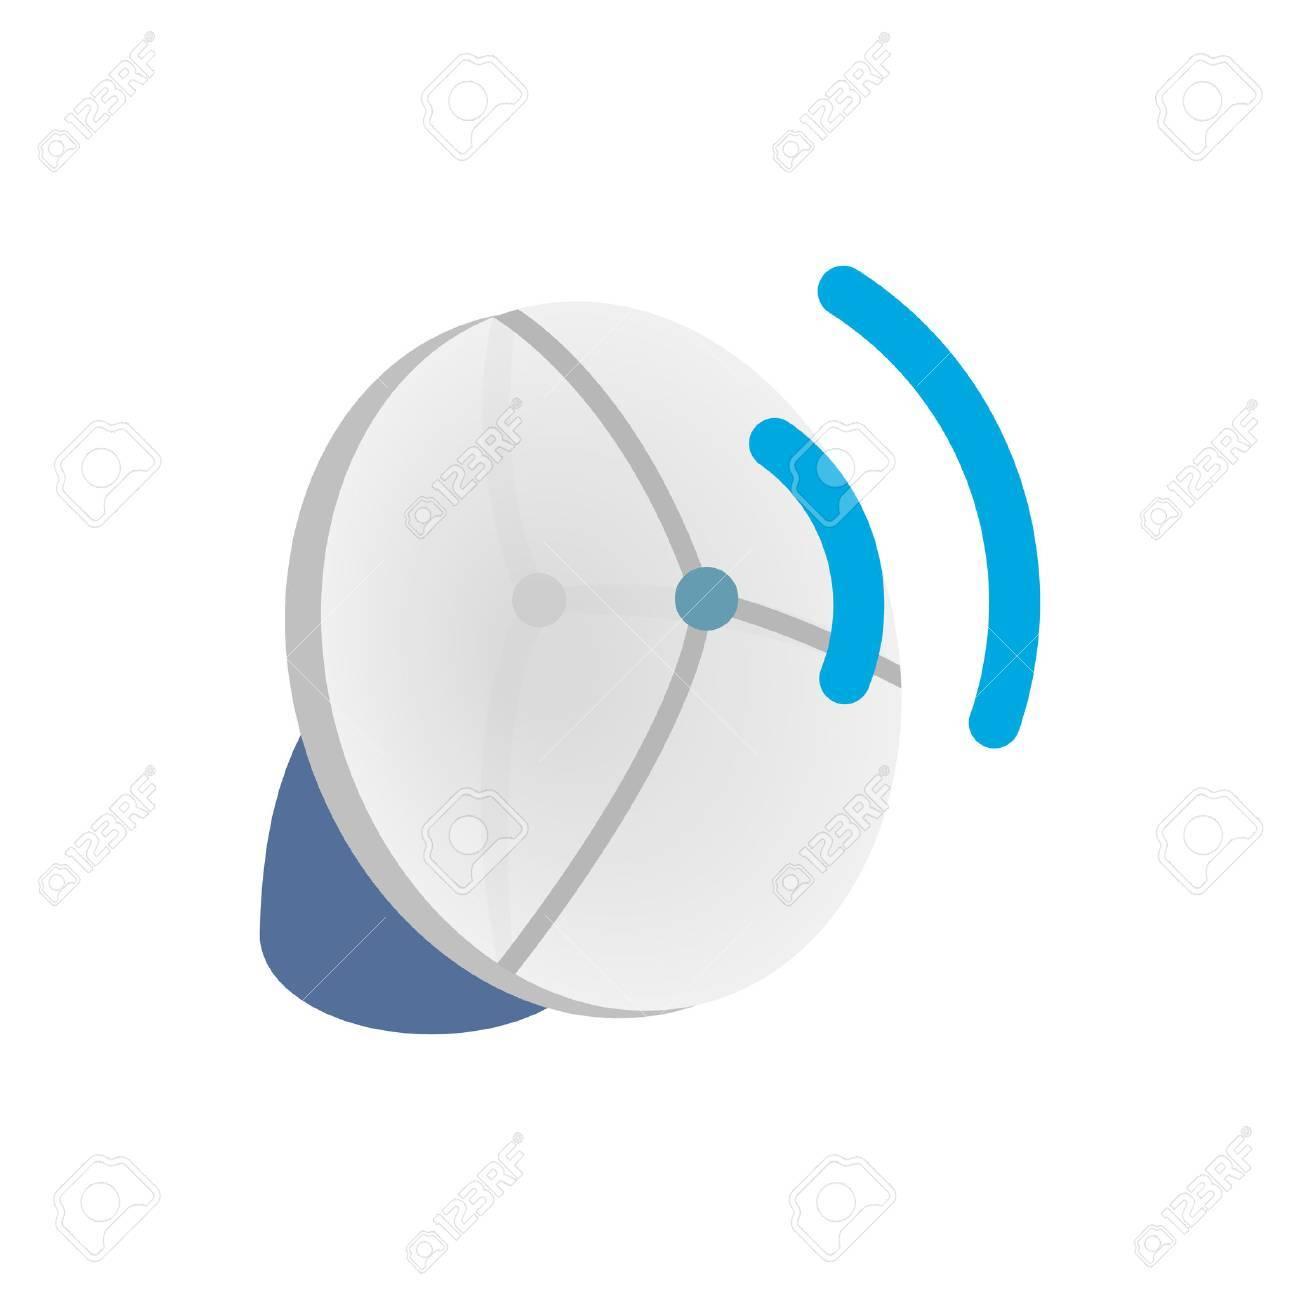 Wireless-Verbindung Symbol In Isometrischer 3D-Stil Auf Einem Weißen ...